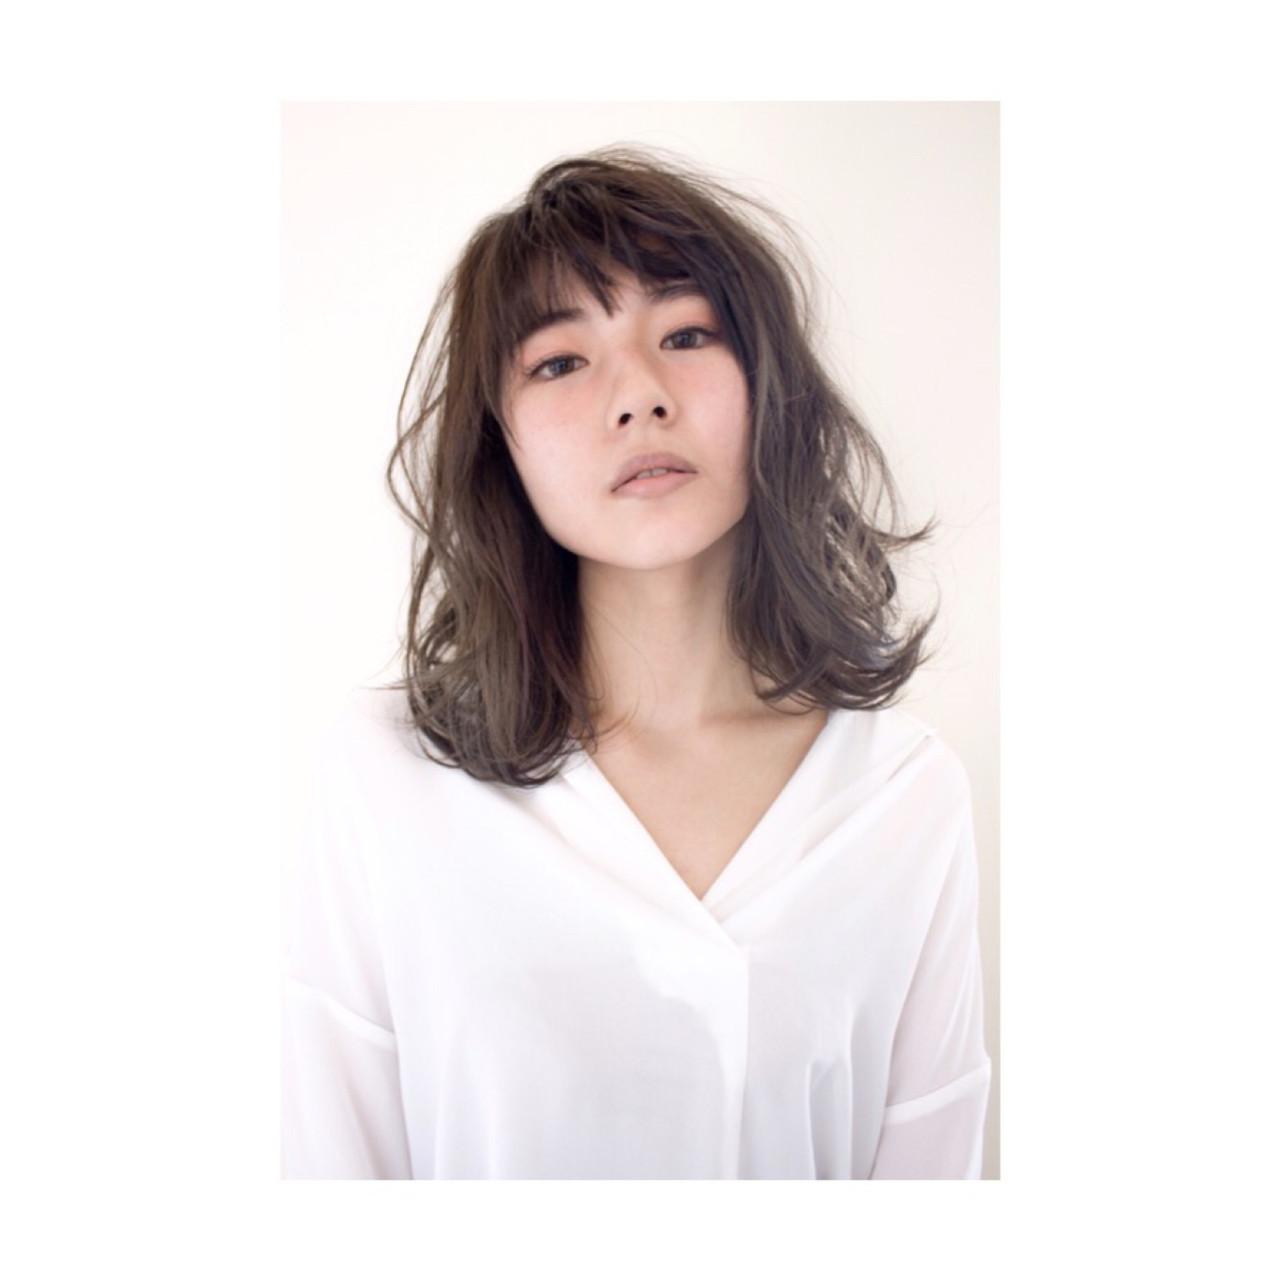 ミディアム 無造作 モード アッシュ ヘアスタイルや髪型の写真・画像